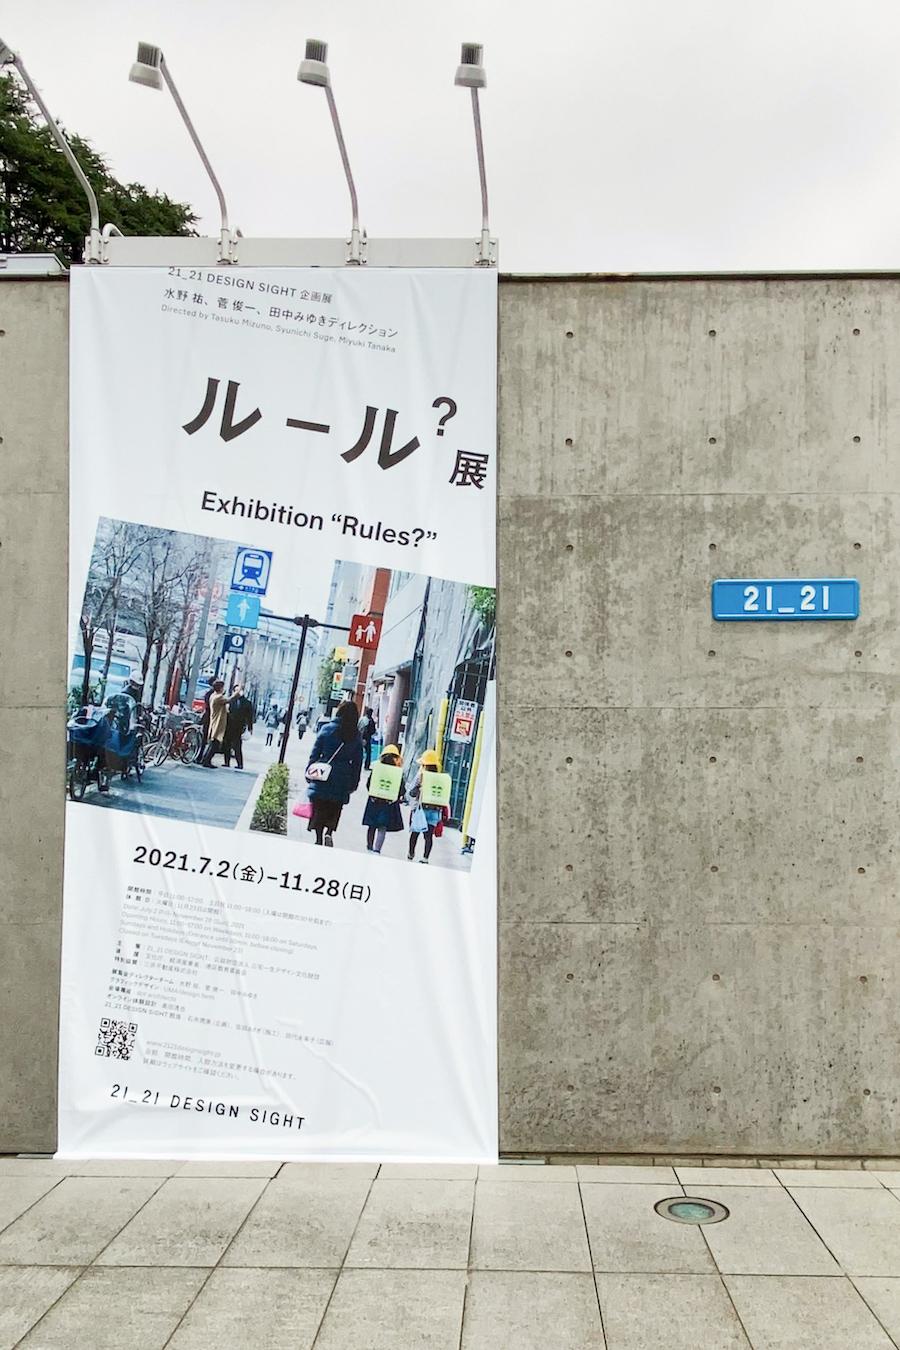 ルール?展 入り口 photo by ぷらいまり